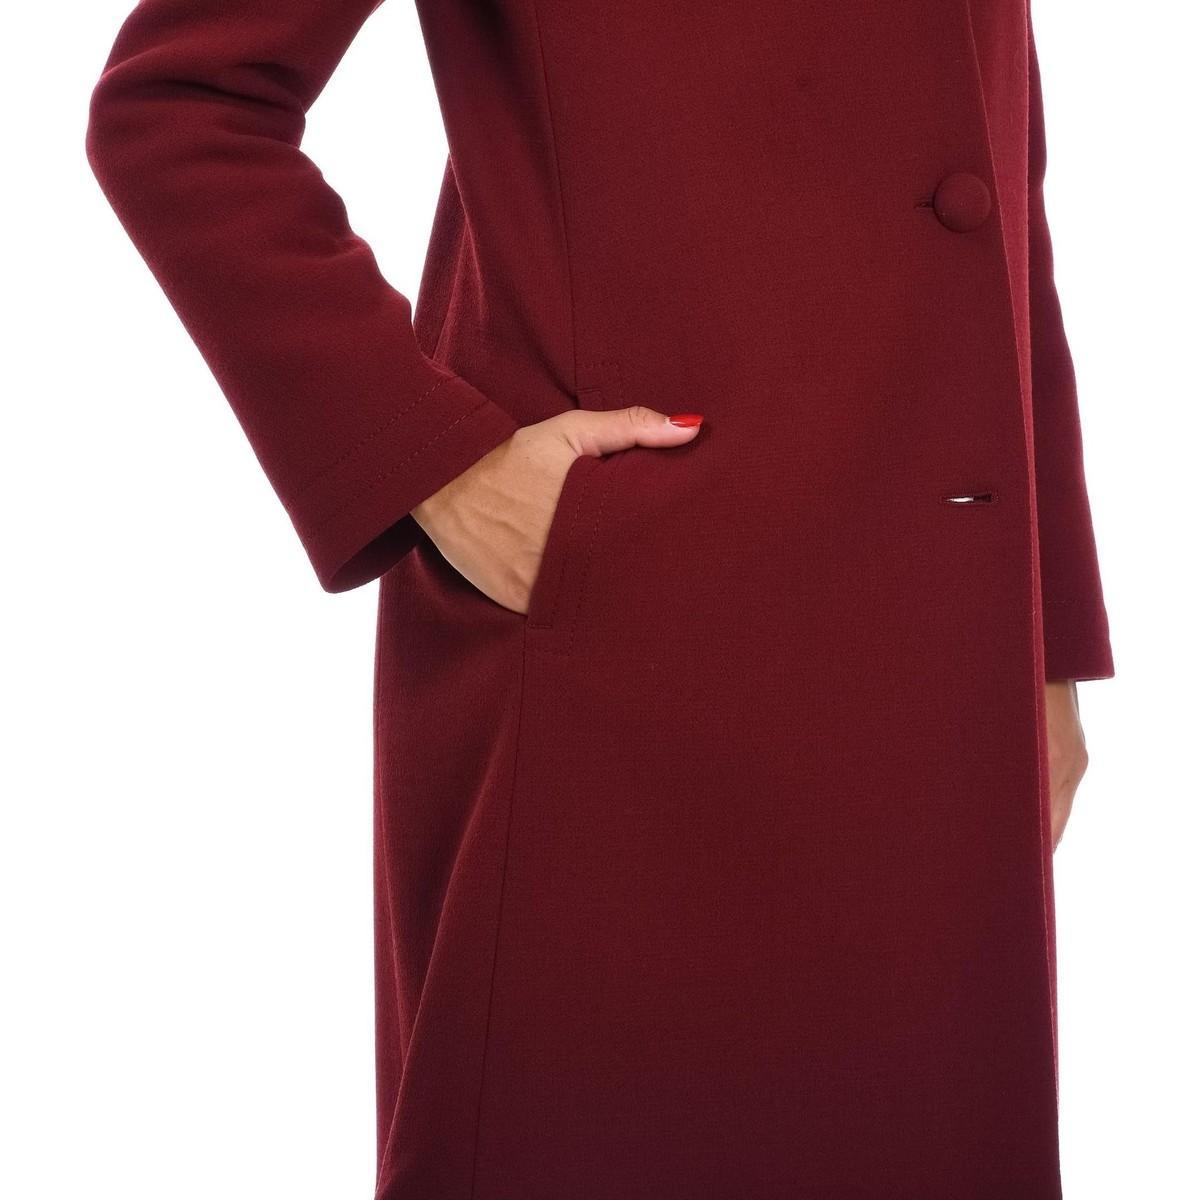 MANTEAU FEMME Manteau L'Autre Chose en coloris Rouge bAXPK